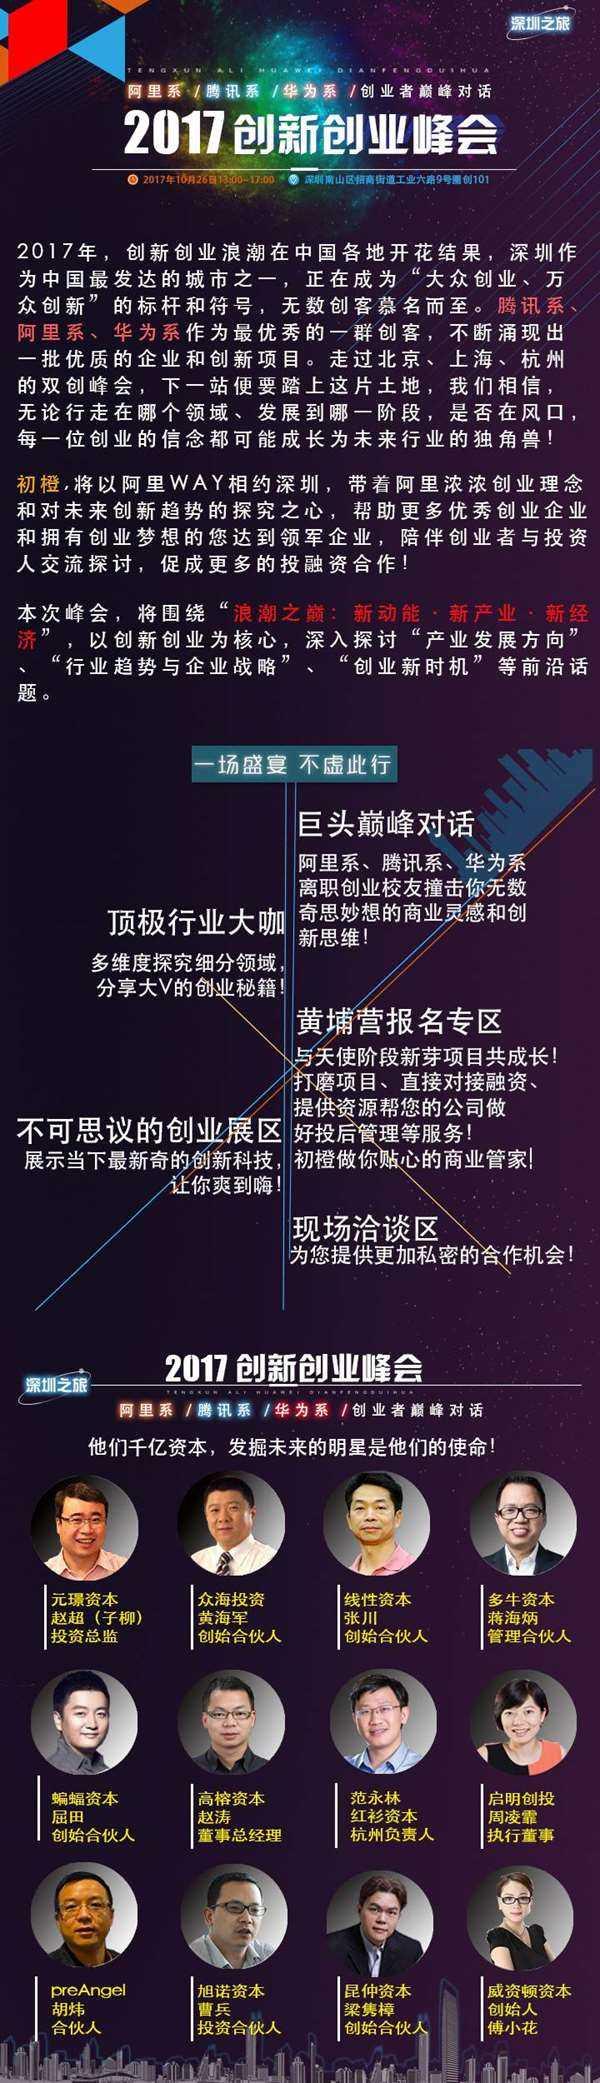 深圳内容1.jpg